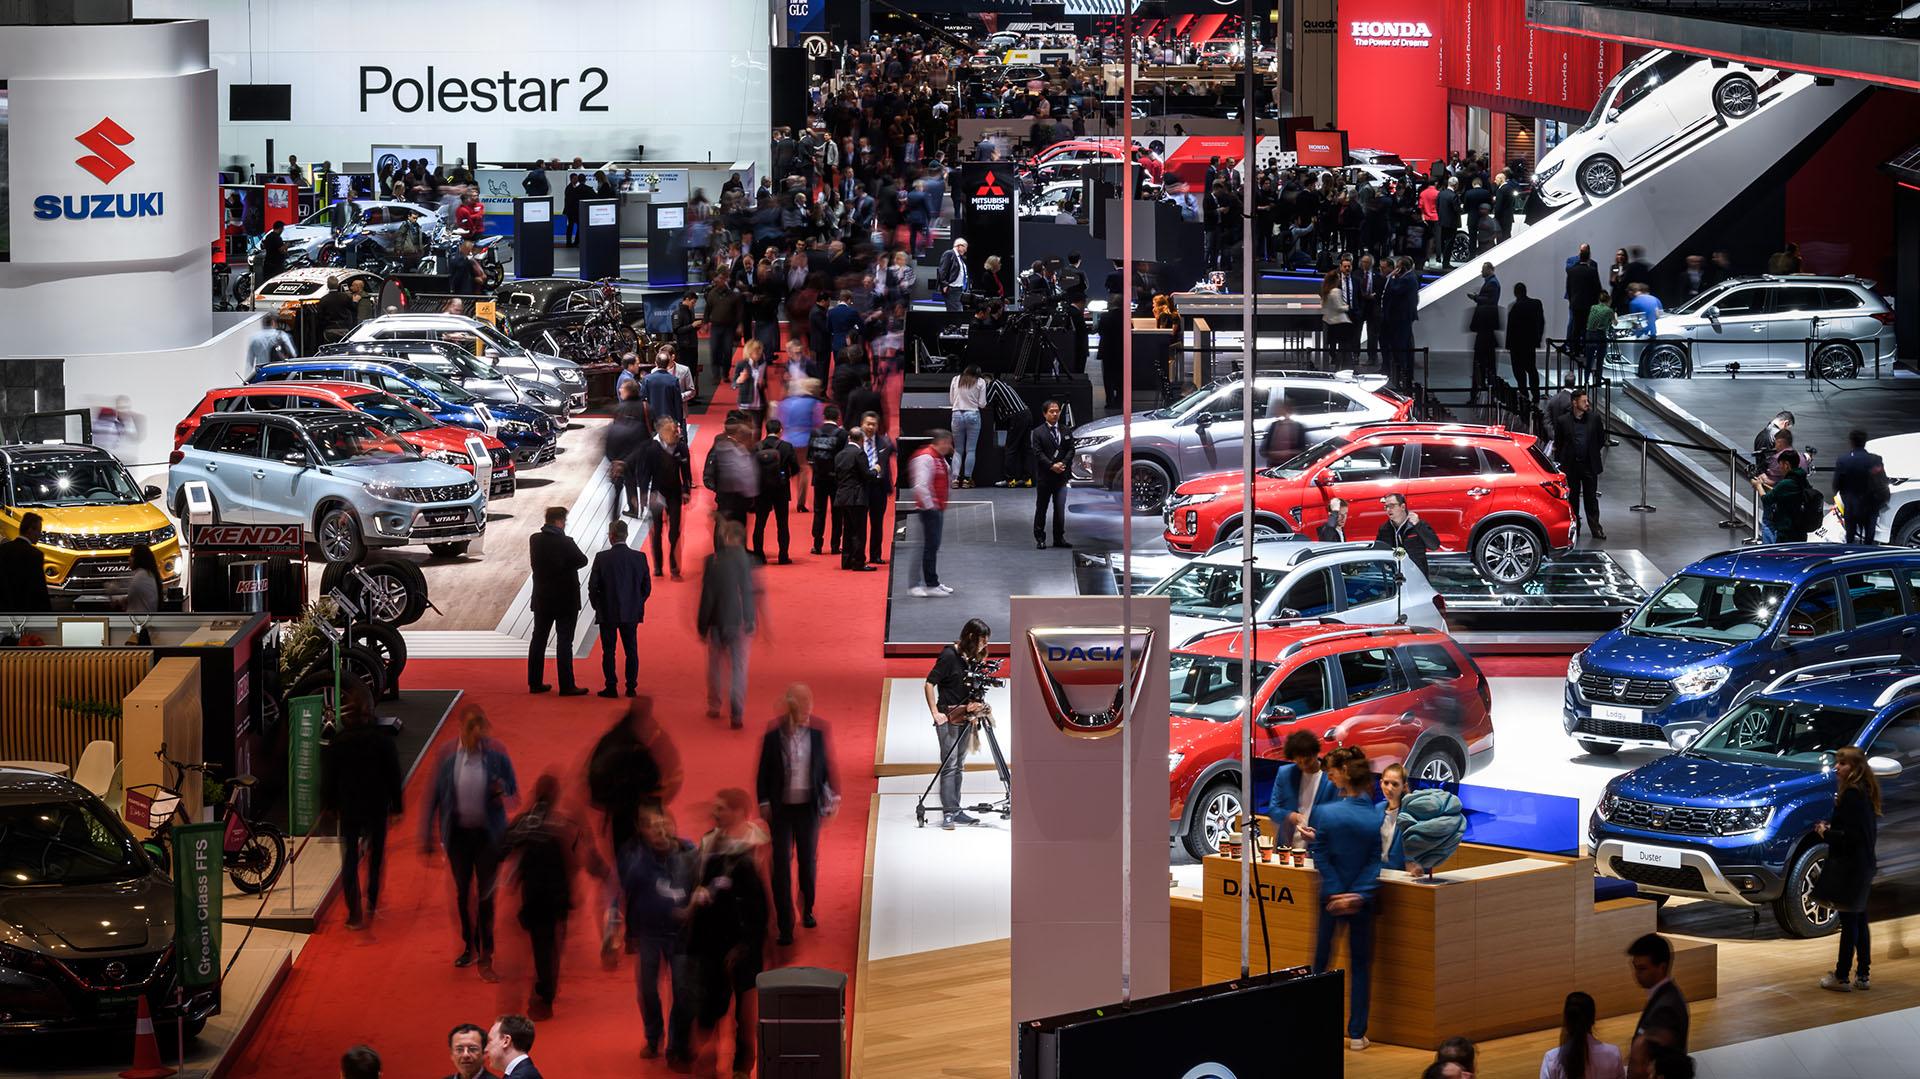 La de 2019 es la 89° edición del Salón delAutomóvil de Ginebra. La ciudad suizareunió las principales novedades y prototipos de las marcas, principalmente enfocados en los autos eléctricos